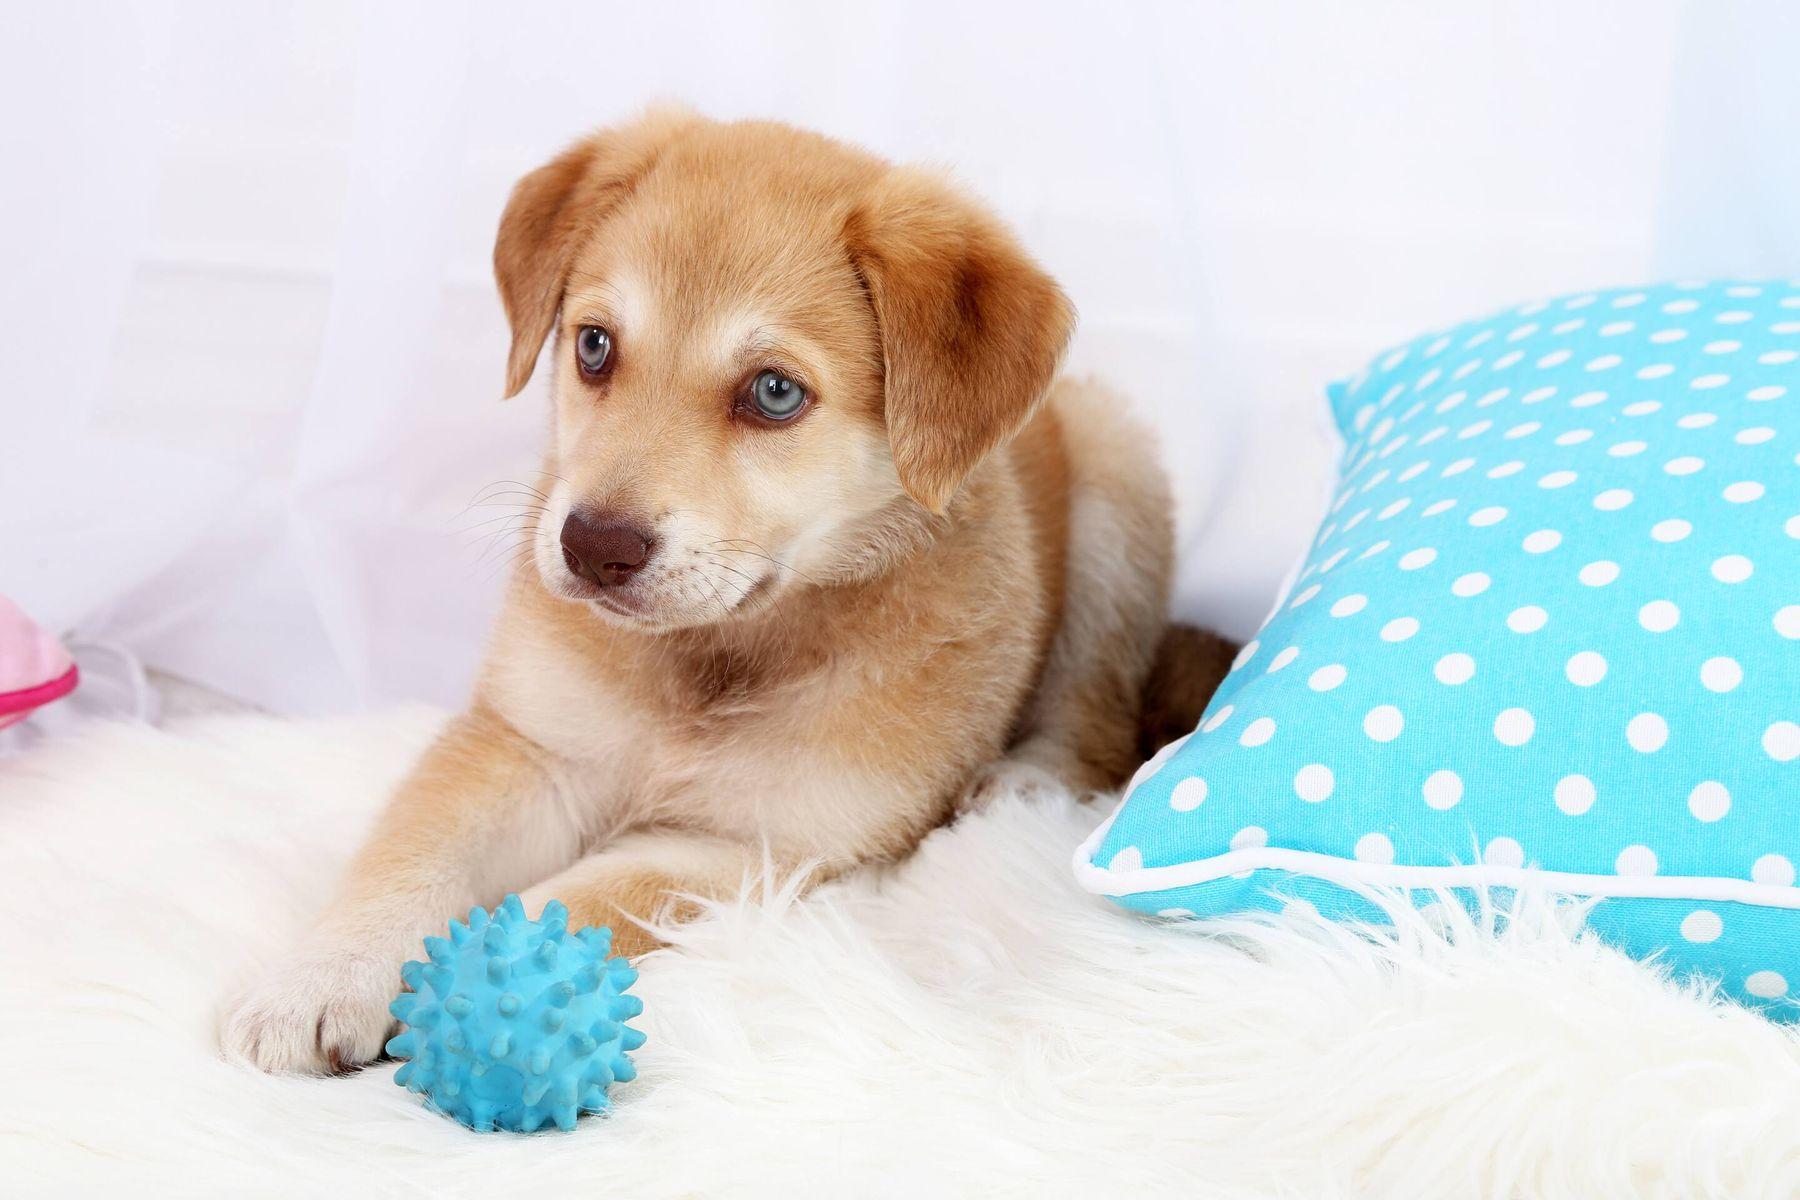 Mobilyalardaki Evcil Hayvan İdrarı Kokusu Nasıl Giderilir?